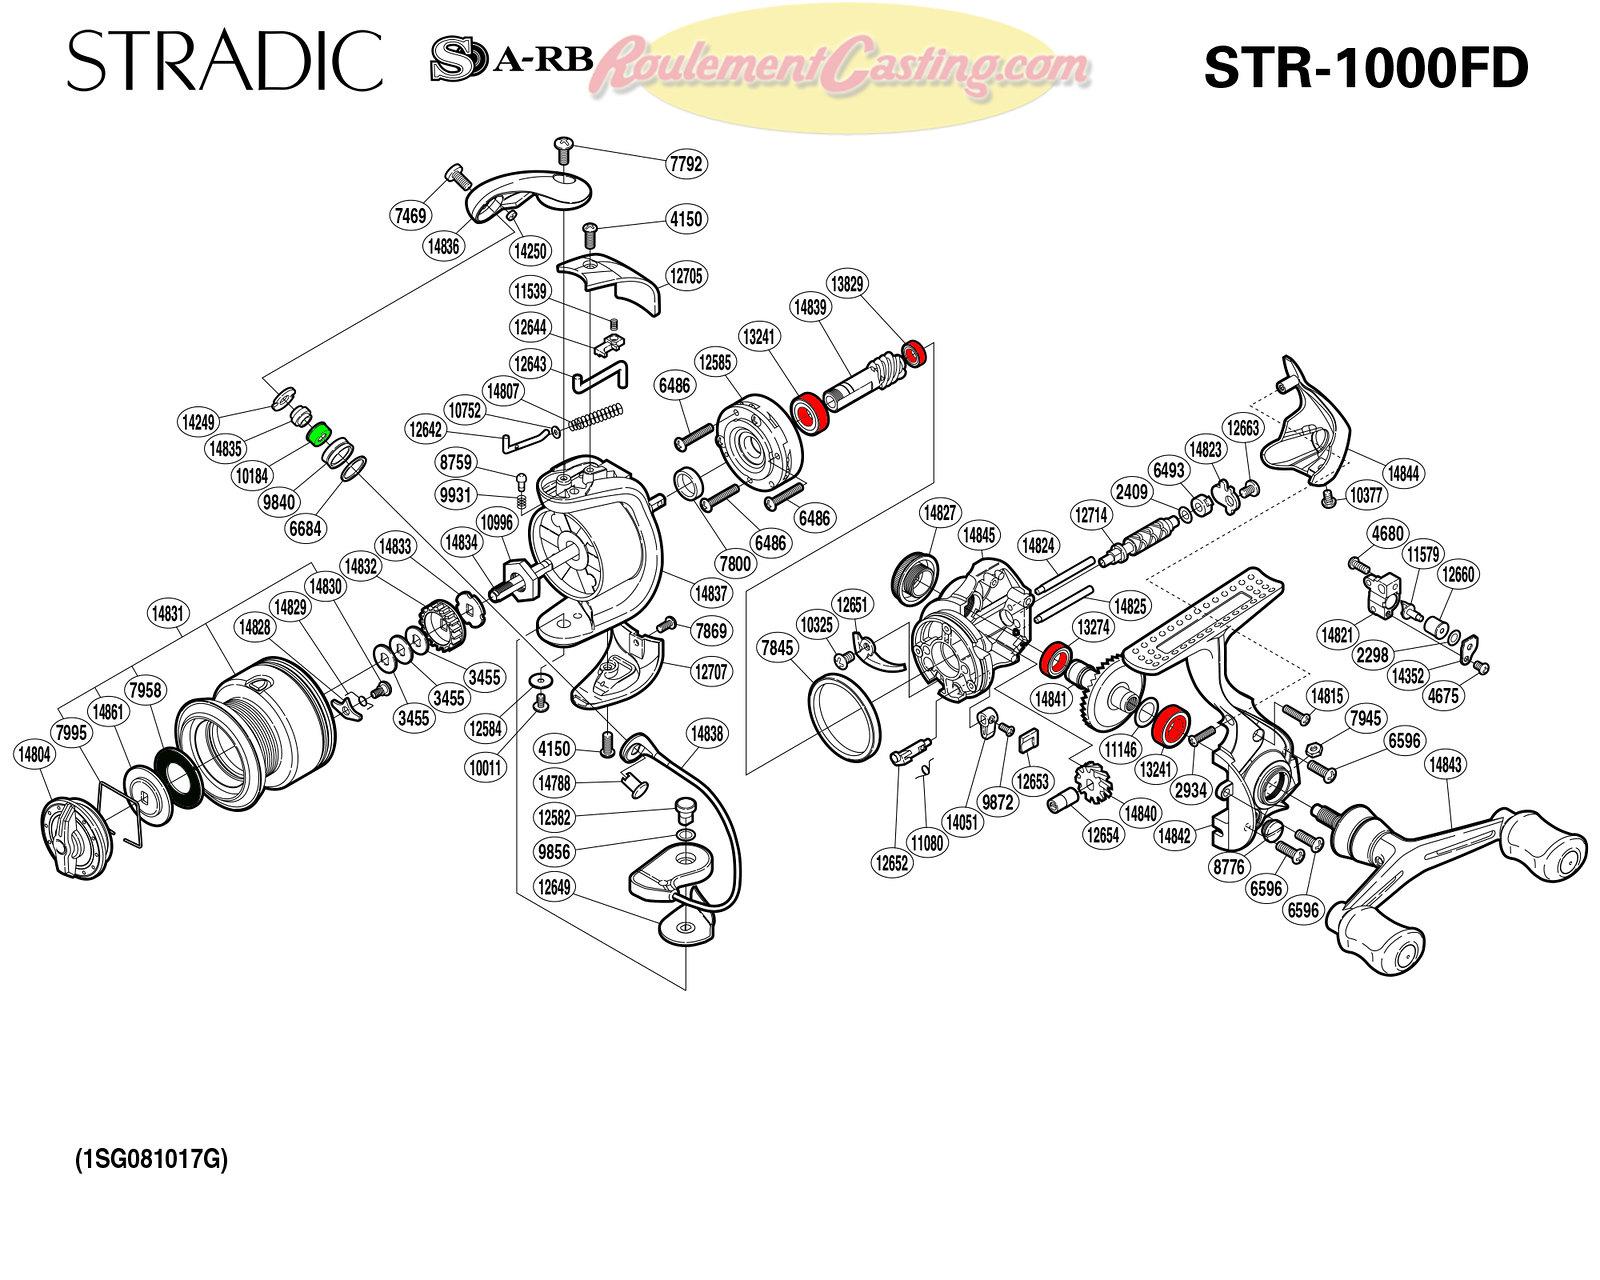 Schema-Stradic-1000FD